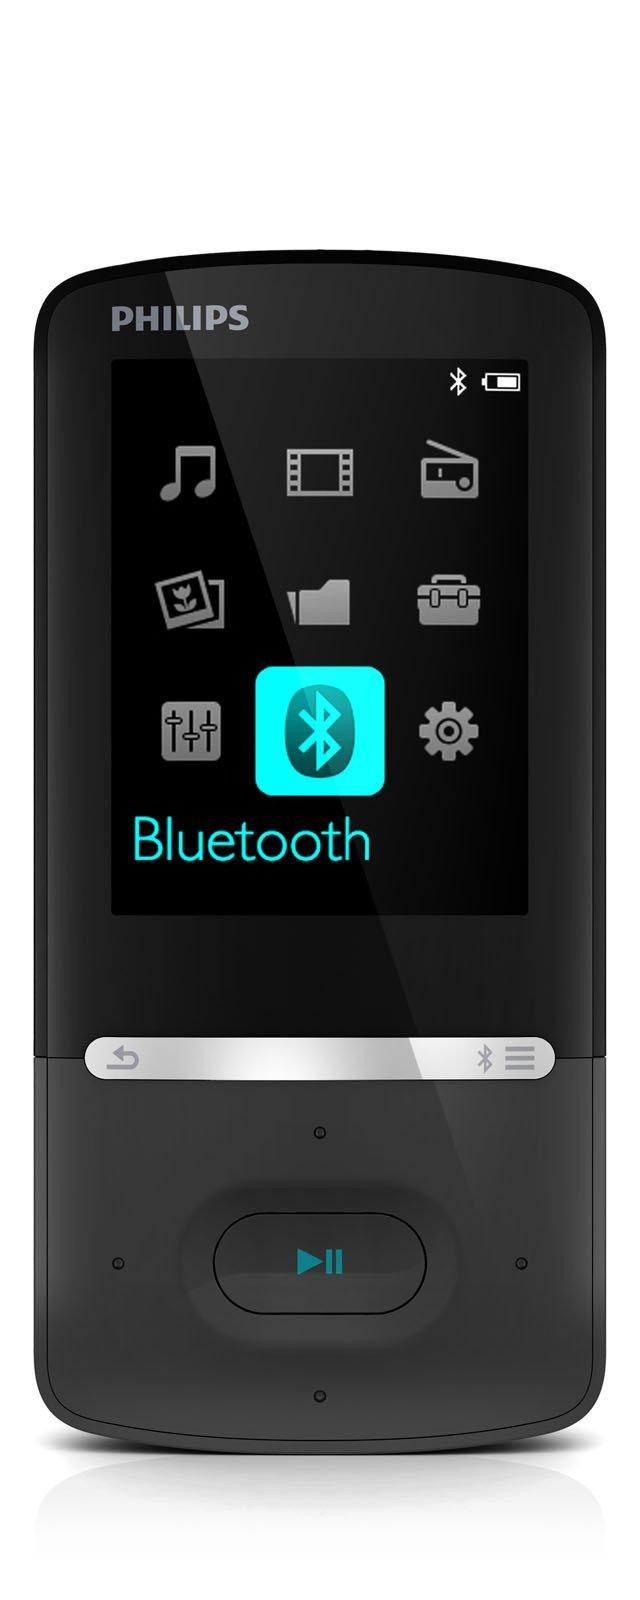 """Il lettore MP4 GoGear Azure SA5AZU04FK da 4 GB con FullSound™ include sistema Bluetooth® per la connessione wireless ai dispositivi audio. Con display a colori da 5,6 cm/2,2"""", visualizza e organizza i file multimediali come sul PC. È dotato di programma Songbird per gestire la musica. Misura L 5,1 x P 1 x H 9,3 cm. Prezzo 79,99 euro. www.philips.it"""